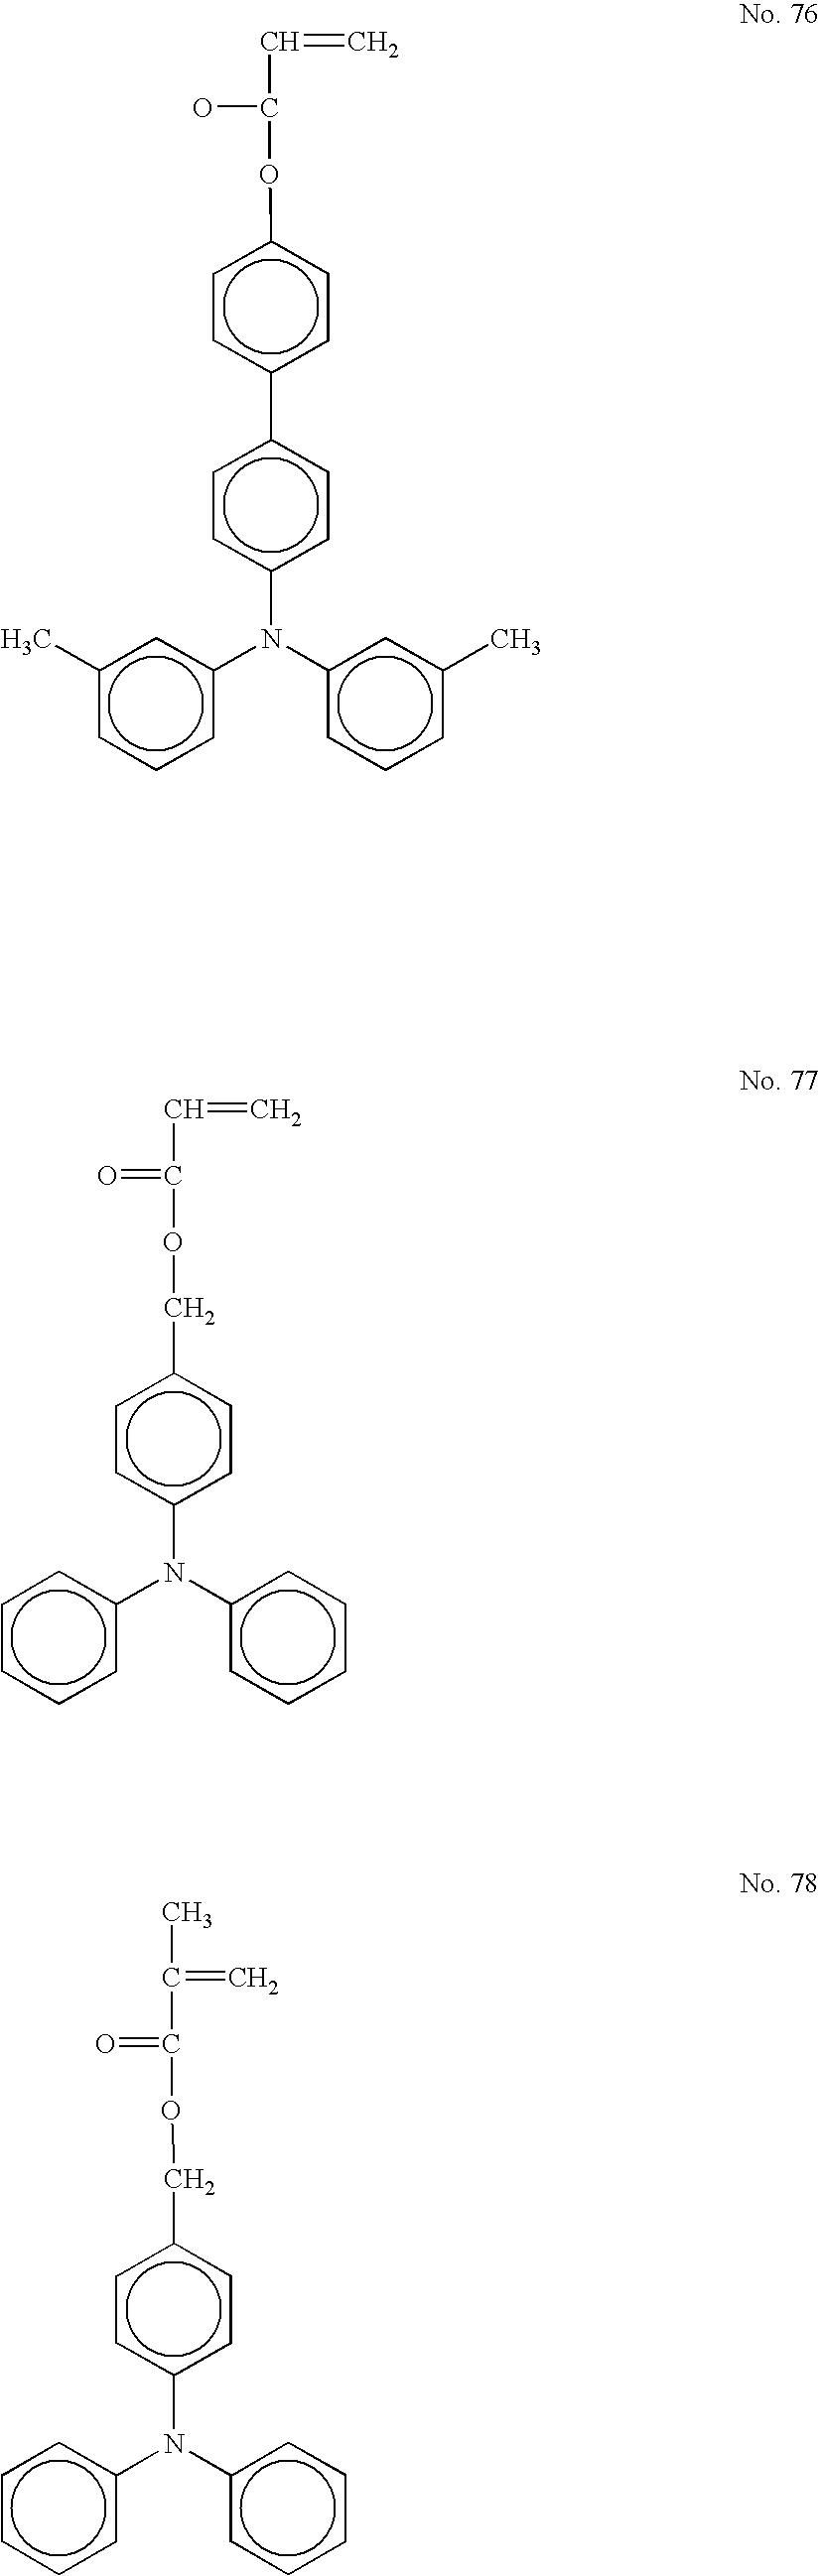 Figure US07175957-20070213-C00037